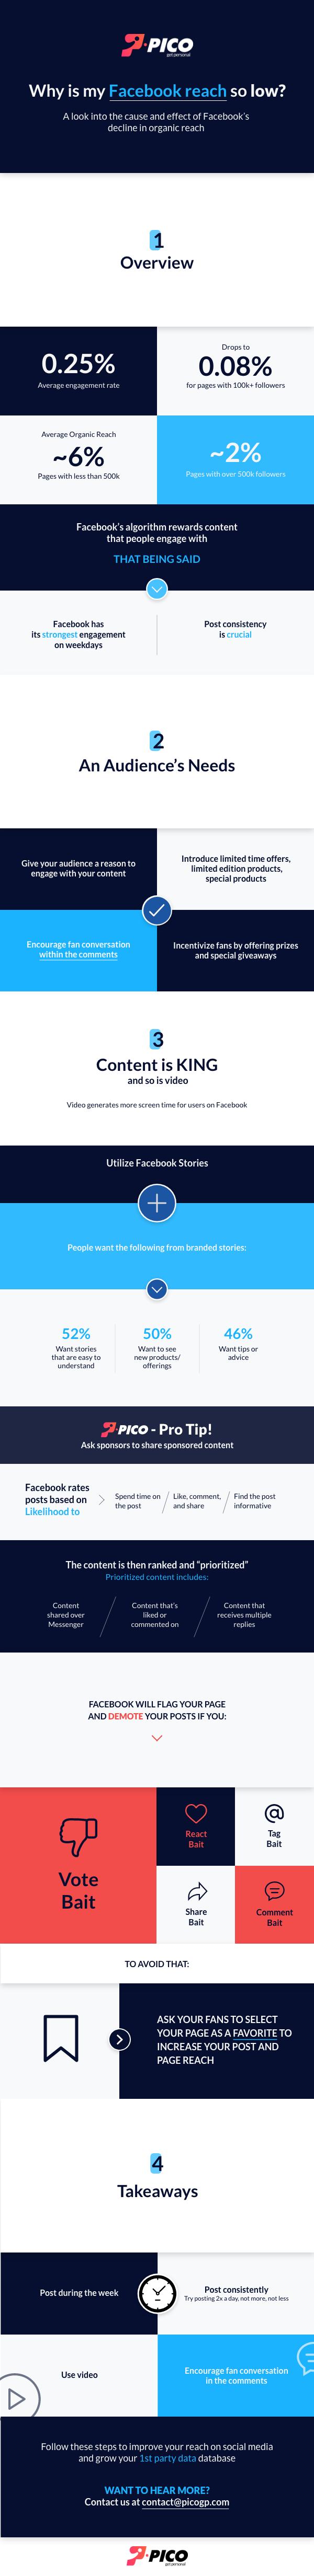 Pico-Infographic@2x